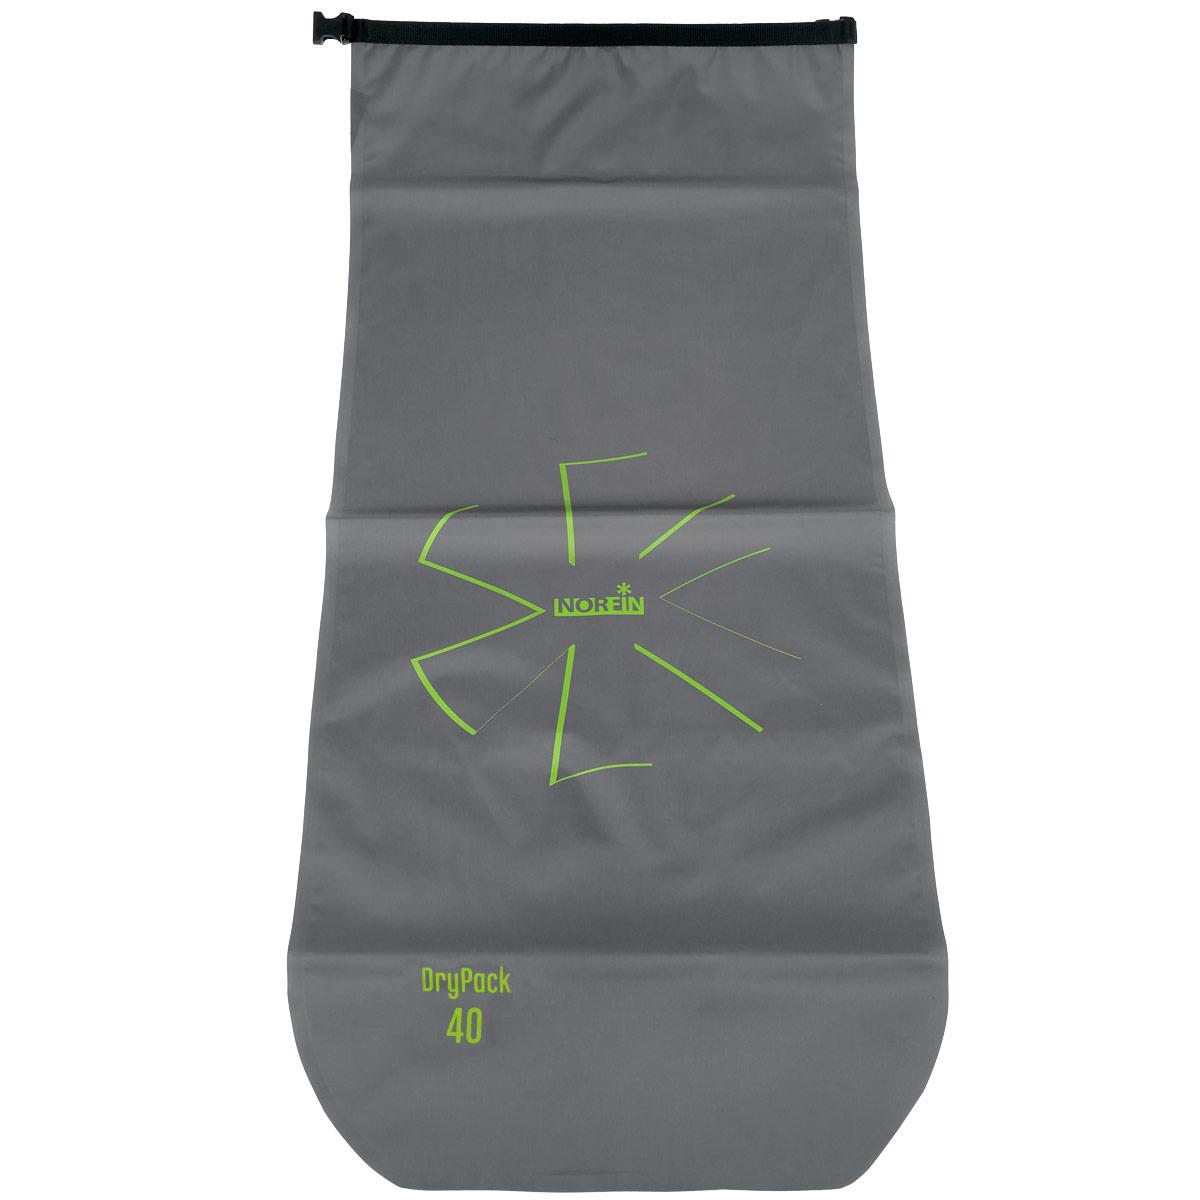 Гермомешок Norfin Dry Pack, цвет: серый, 40 лNF-40304Благодаря исключительным свойствам материала и своей конструкции Norfin Dry Pack позволяет надежно защитить ваши вещи и документы от попадания влаги. Удобный скручивающийся верх обеспечивает герметичность. Гермомешок имеет воздушный клапан для выпуска из мешка воздуха и уменьшения объема. Мешок плоский в сжатом виде.